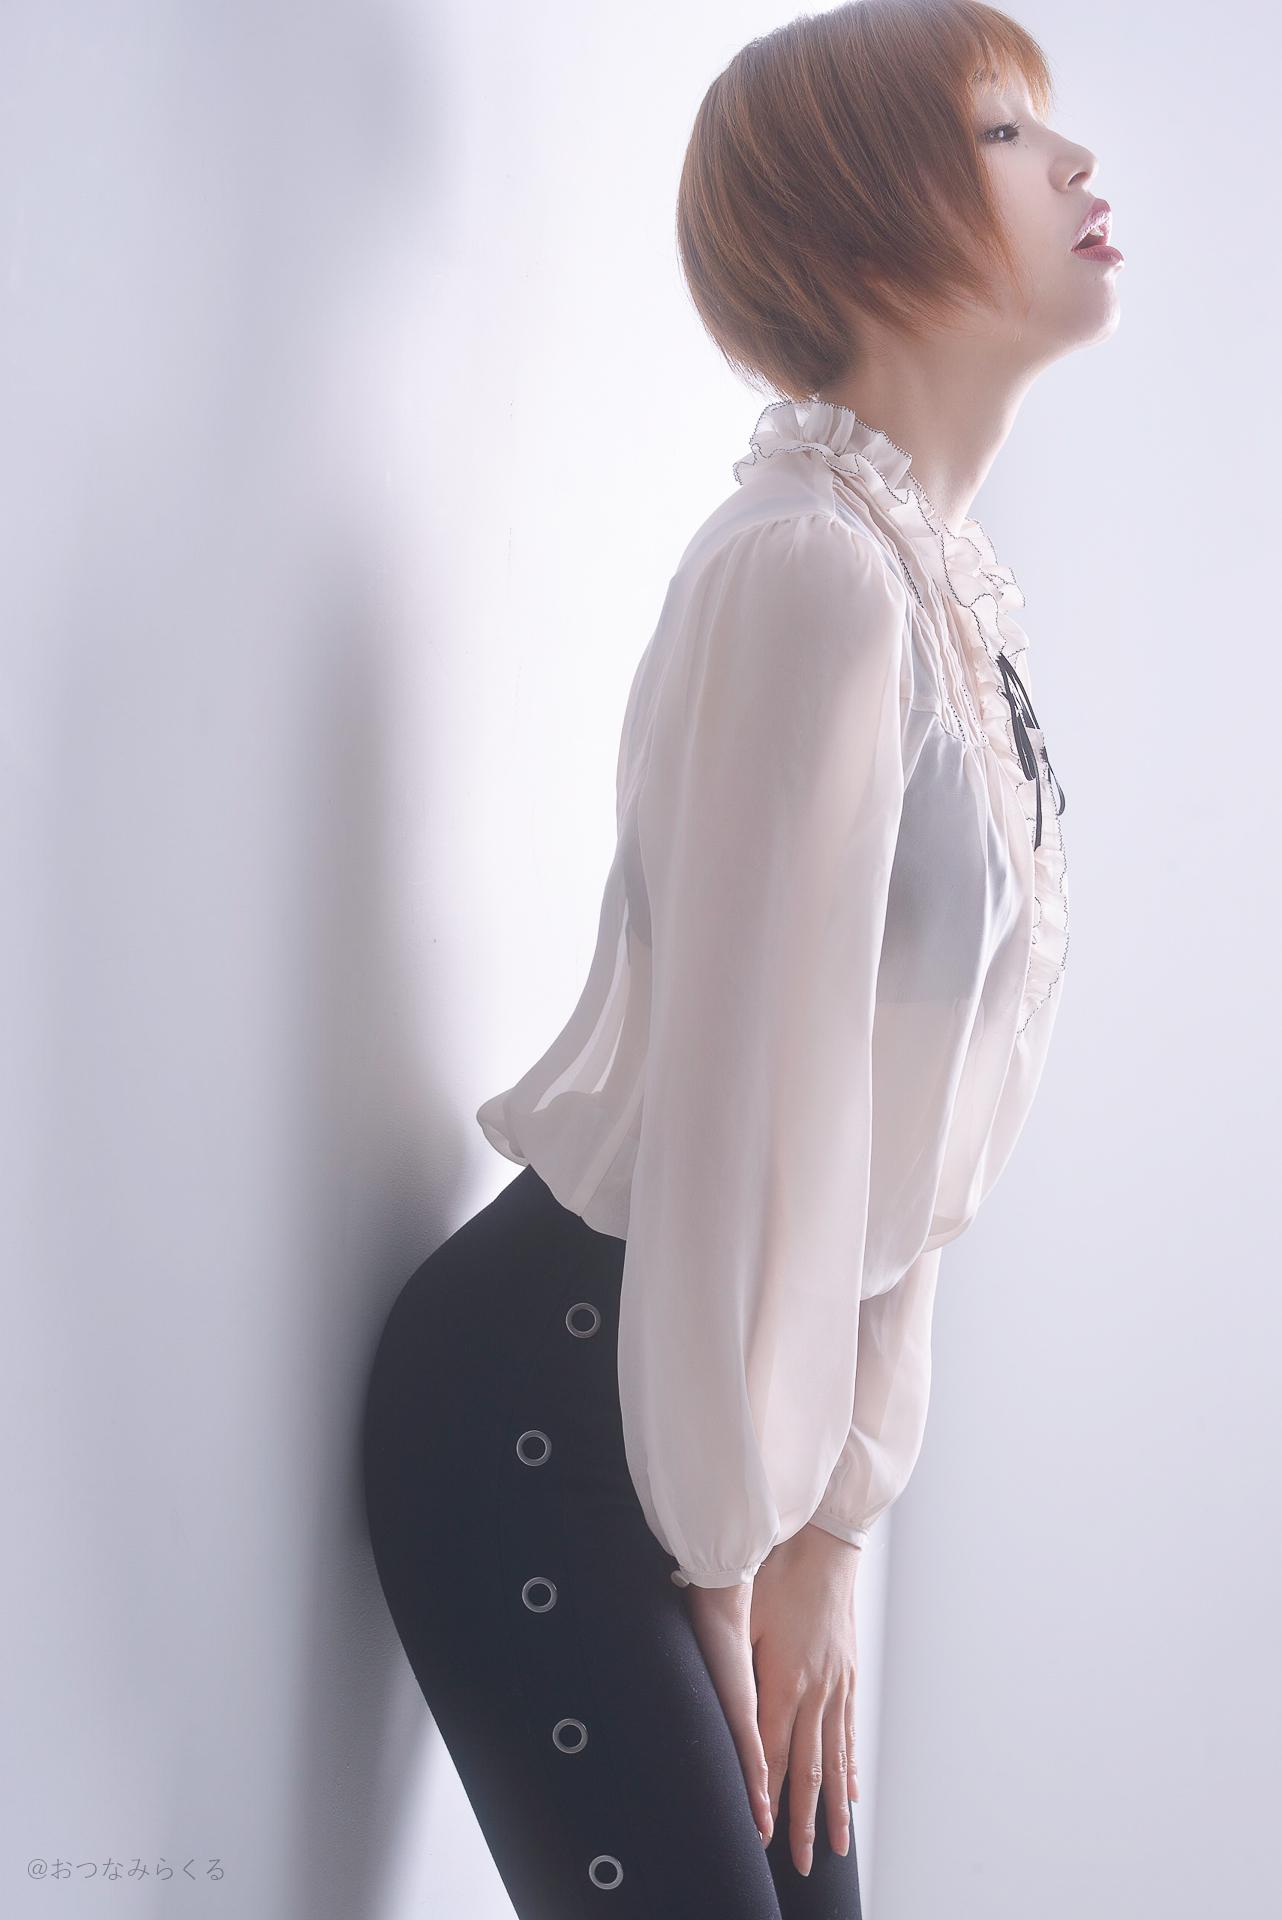 うずらフォト スタジオ撮影 RICOSTUDIO